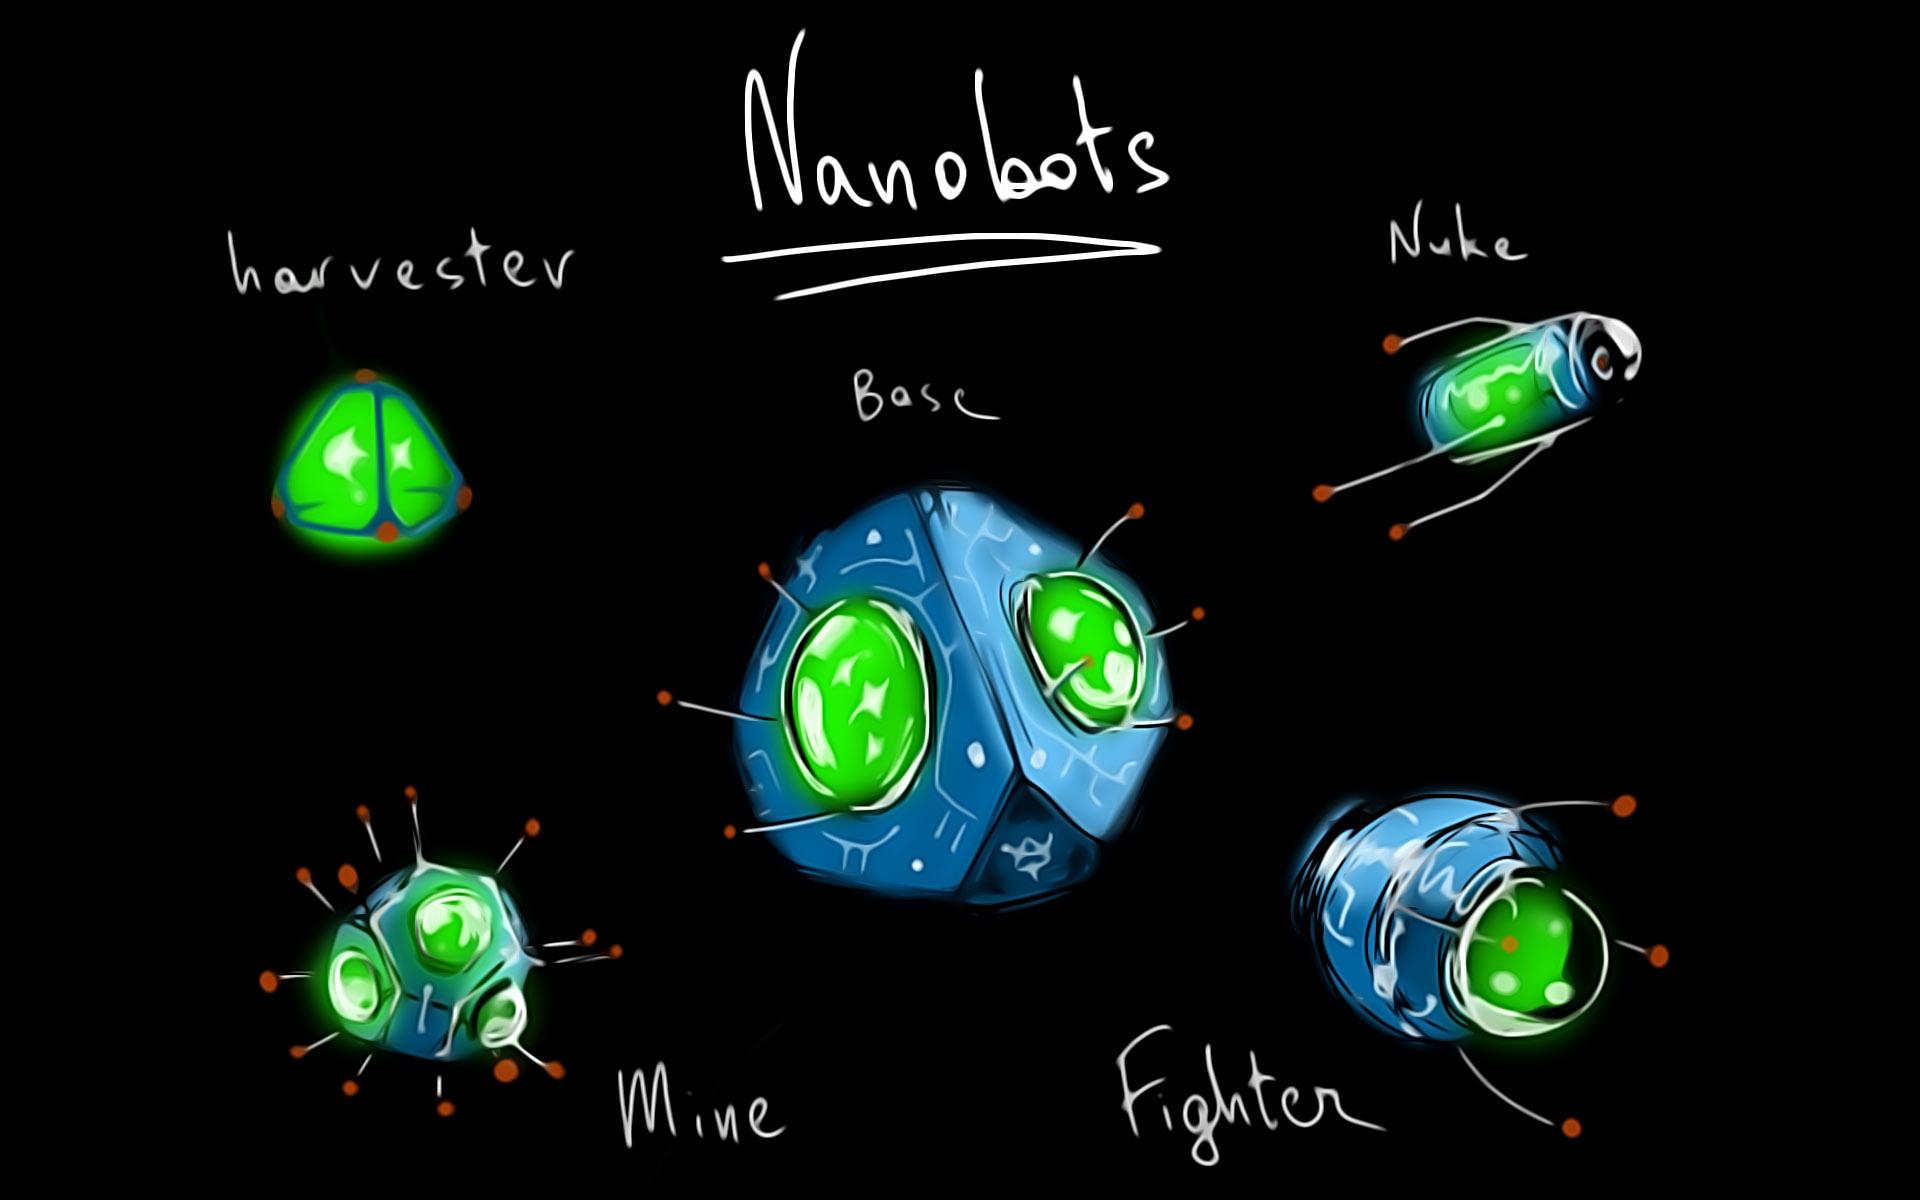 Nano-robotic lifeform sketch